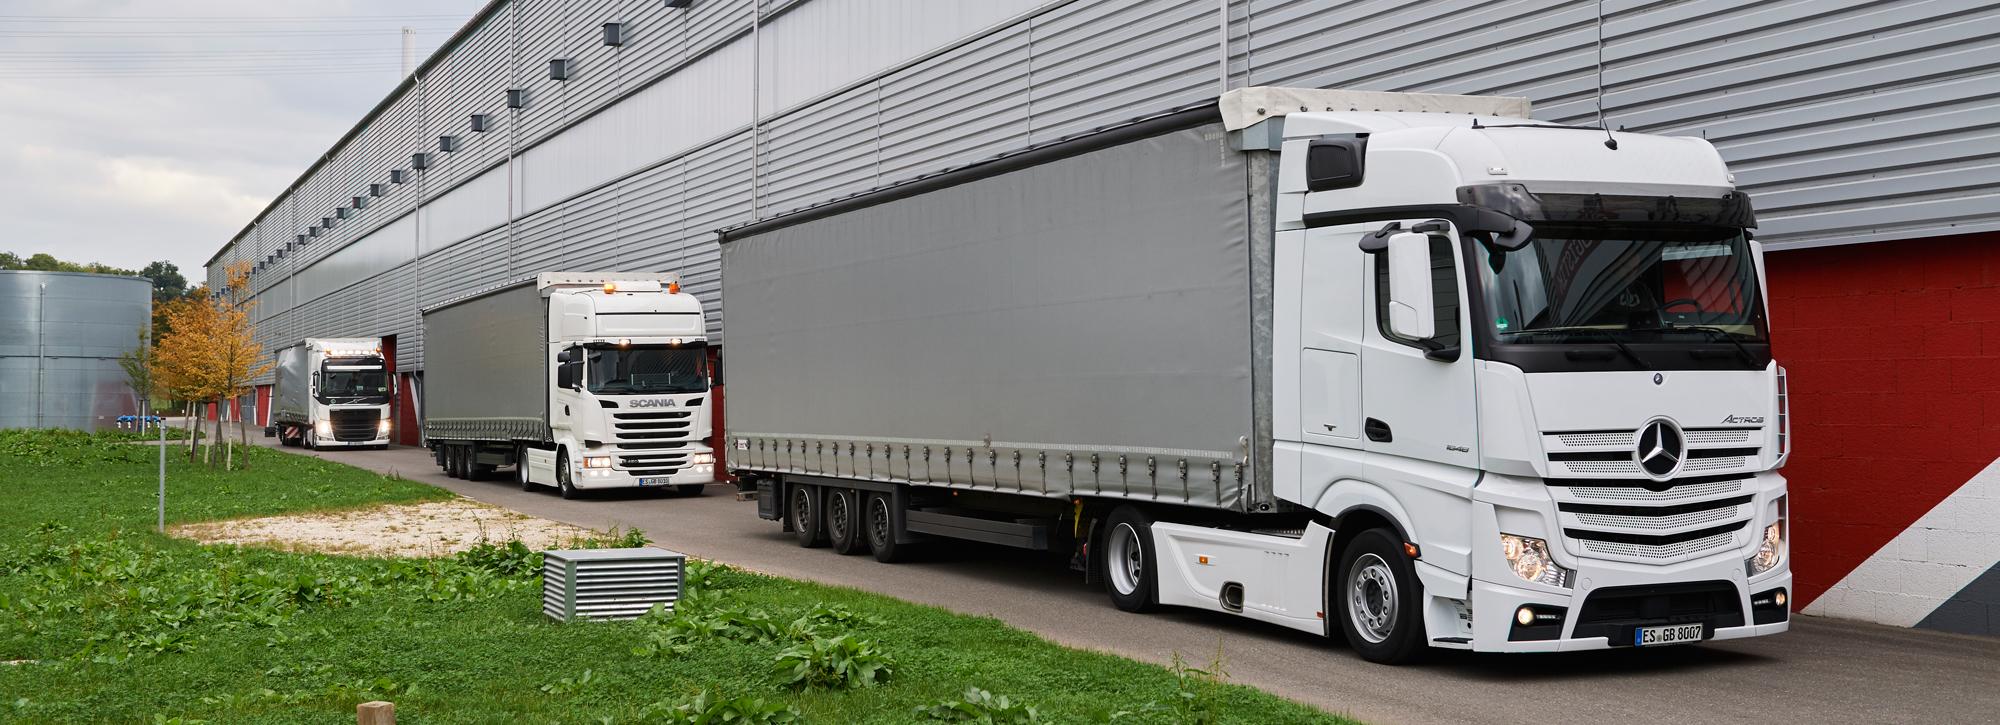 Transport- und Logistikkonzepte im Bereich der Stahllogistik